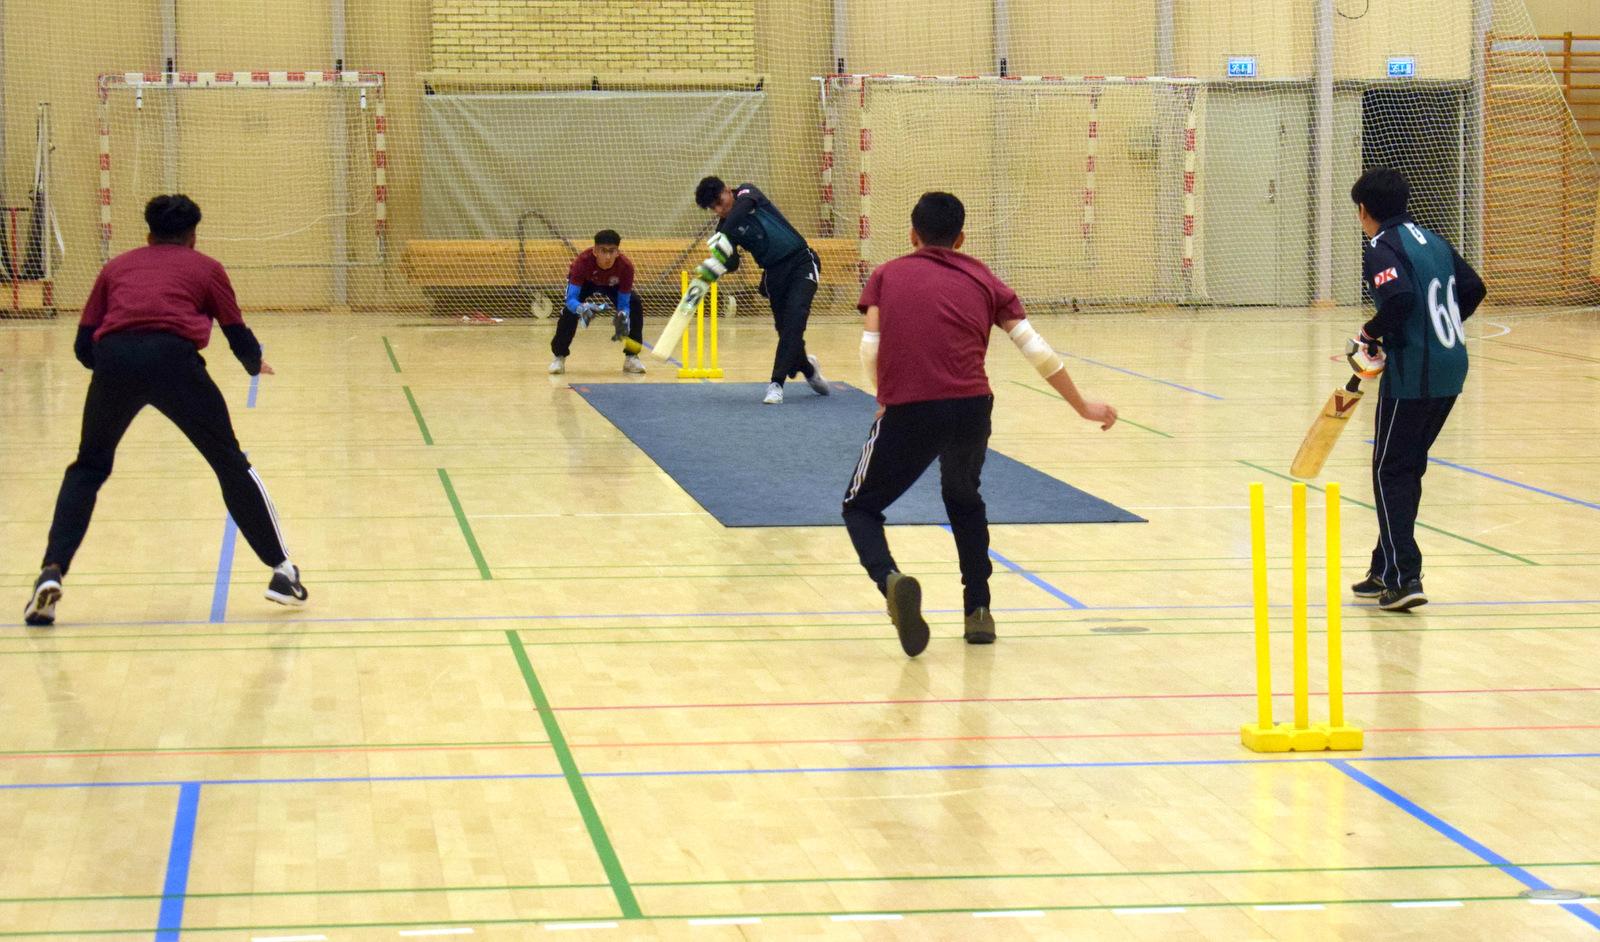 Hvad skulle cricket gøre uden regnedrenge - Inde-DM for U- hold med kun 3 jyske klubber ud af 6 mulige 6